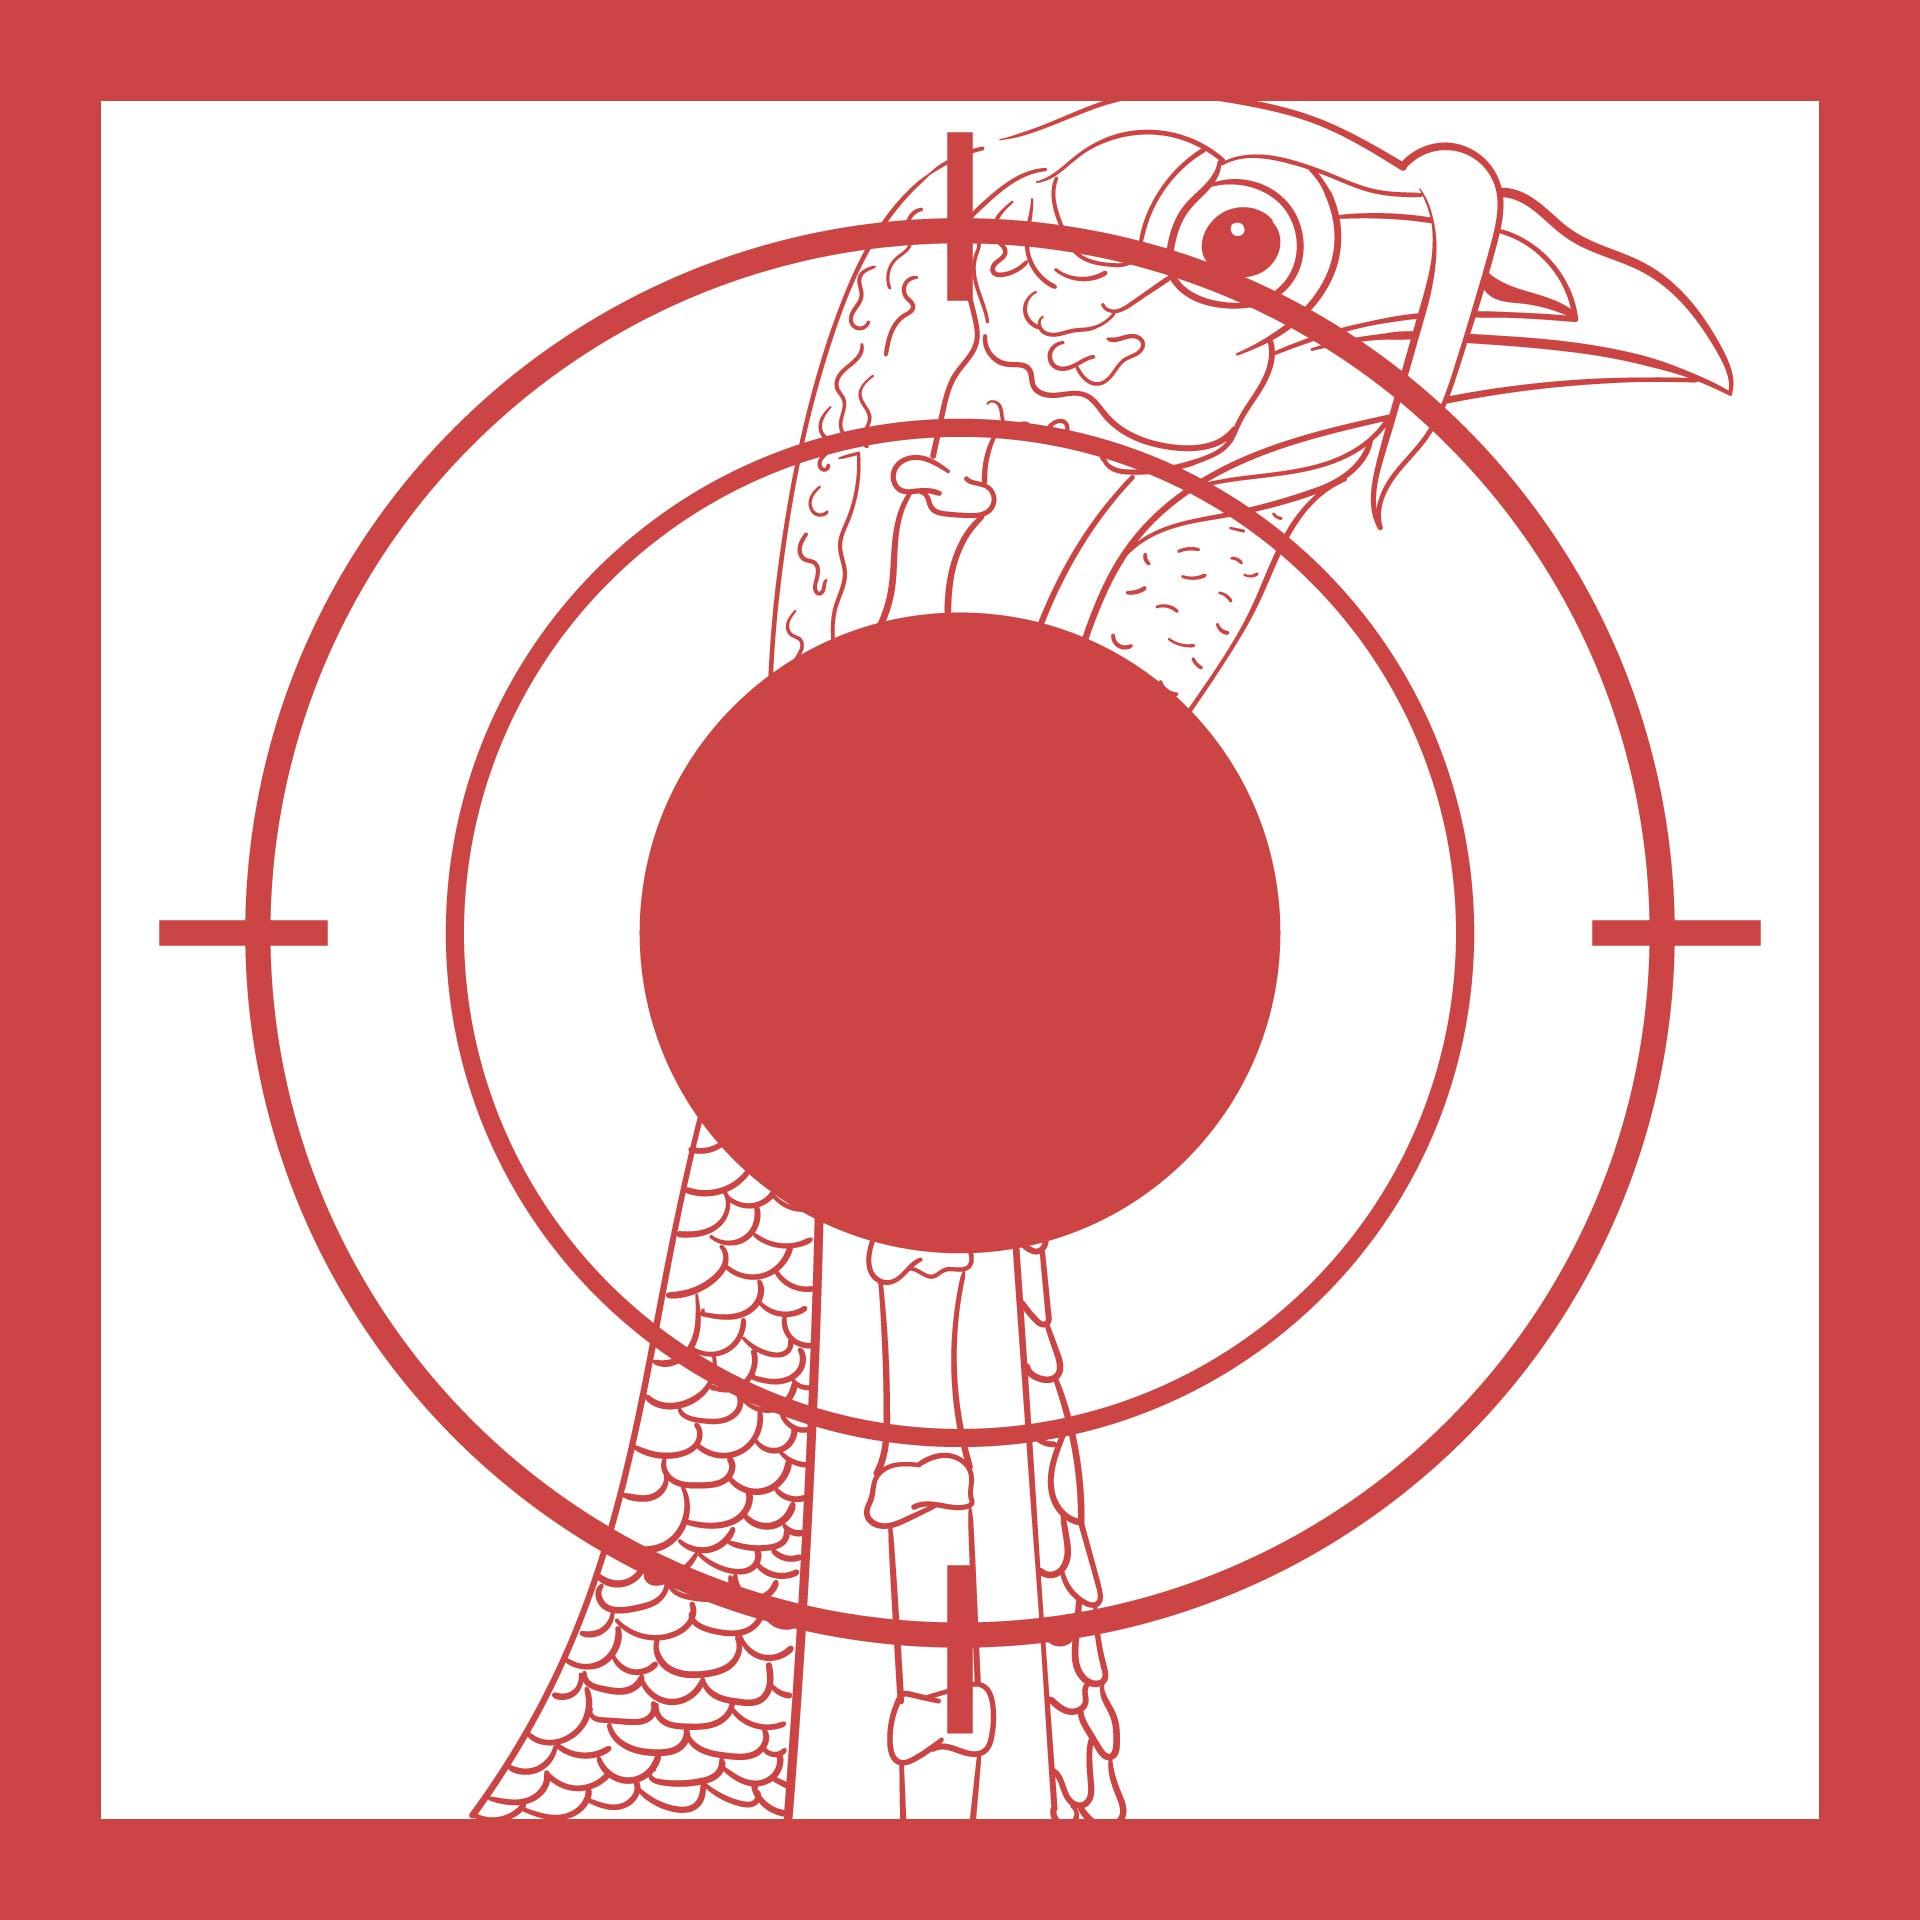 Turkey Head Targets